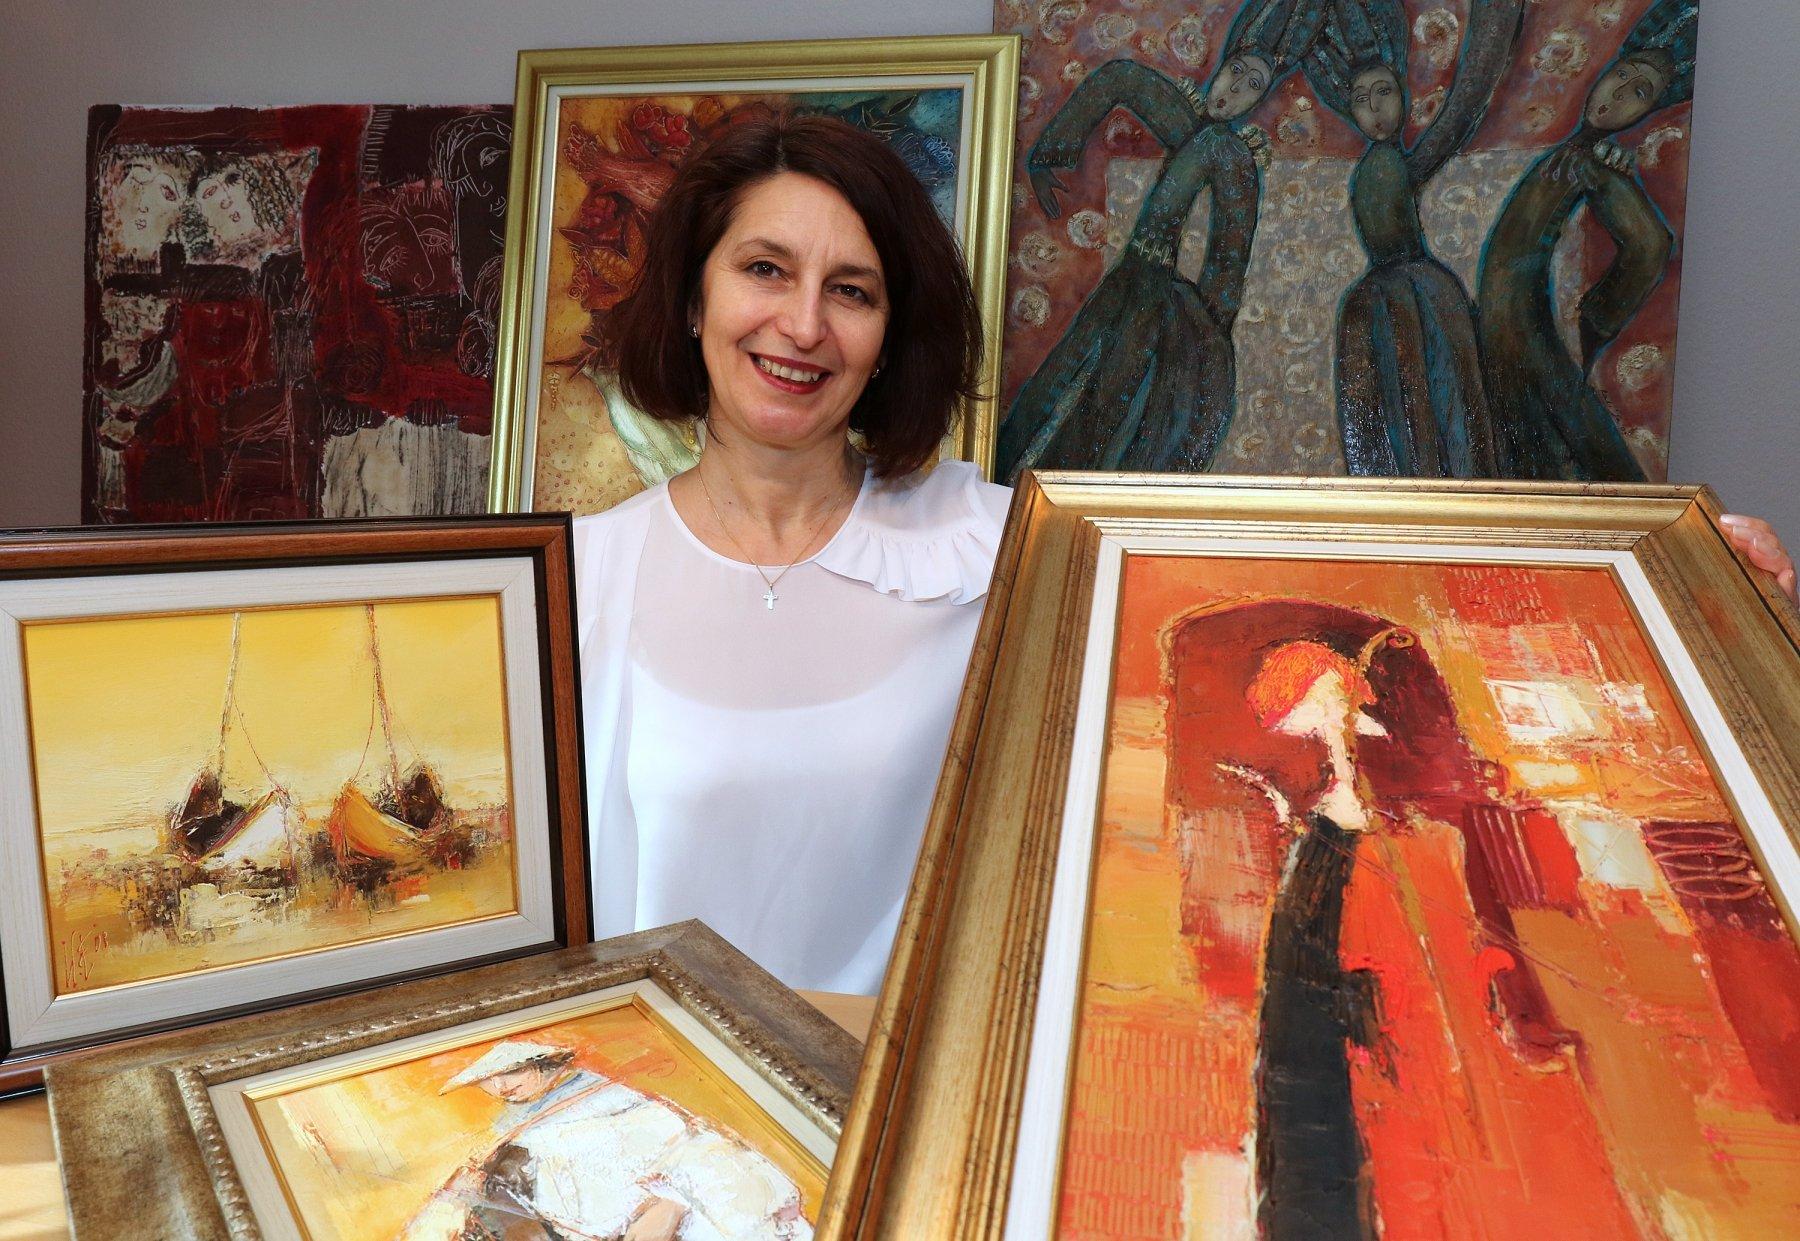 Maria Rouev mit einer kleinen Auswahl aus ihrer Sammlung mit bulgarischer Kunst der Gegenwart. (Foto: Peter Otworowski/Maria Rouev)